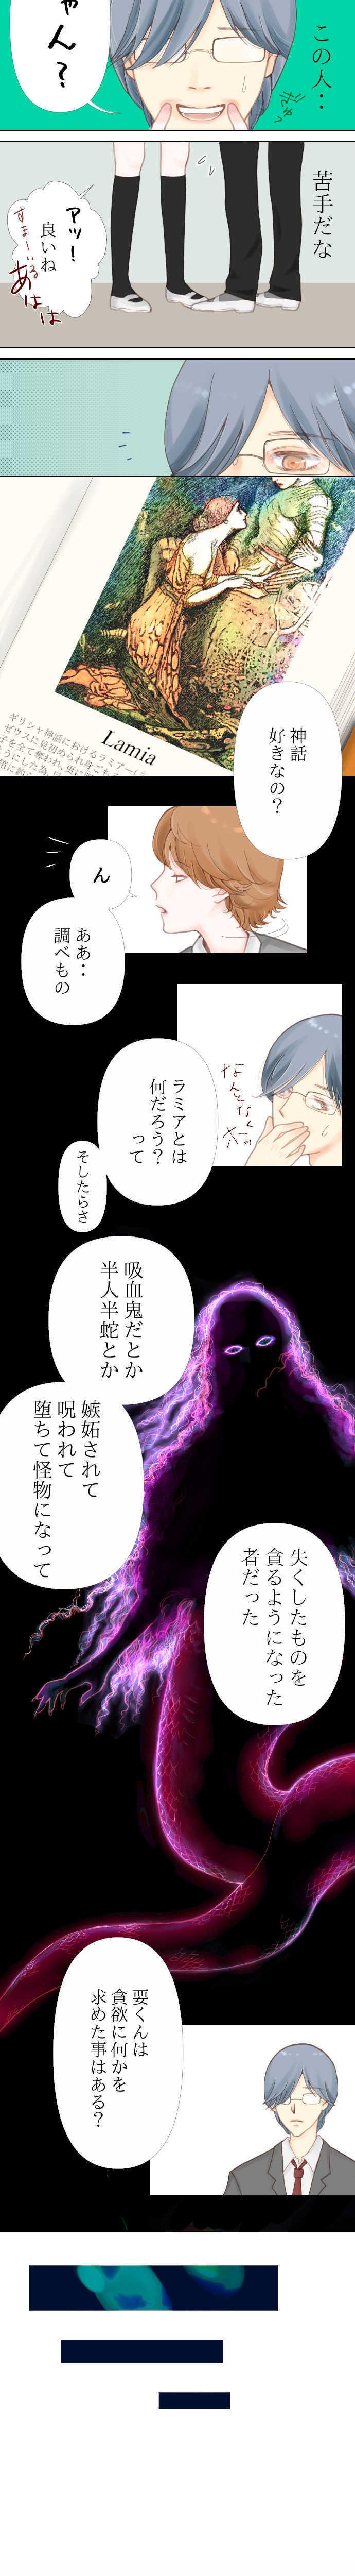 03. 不鮮明